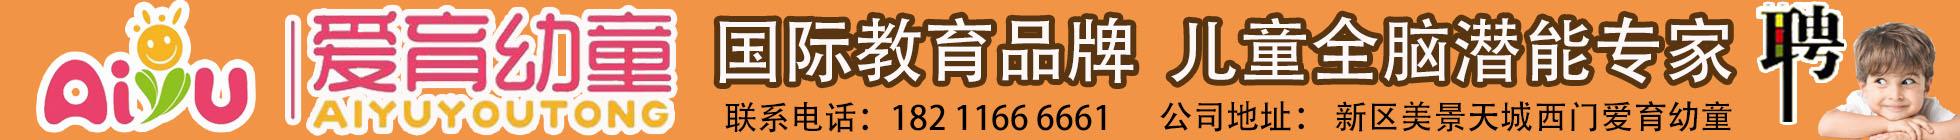 滑县爱育教育咨询服务有限公司